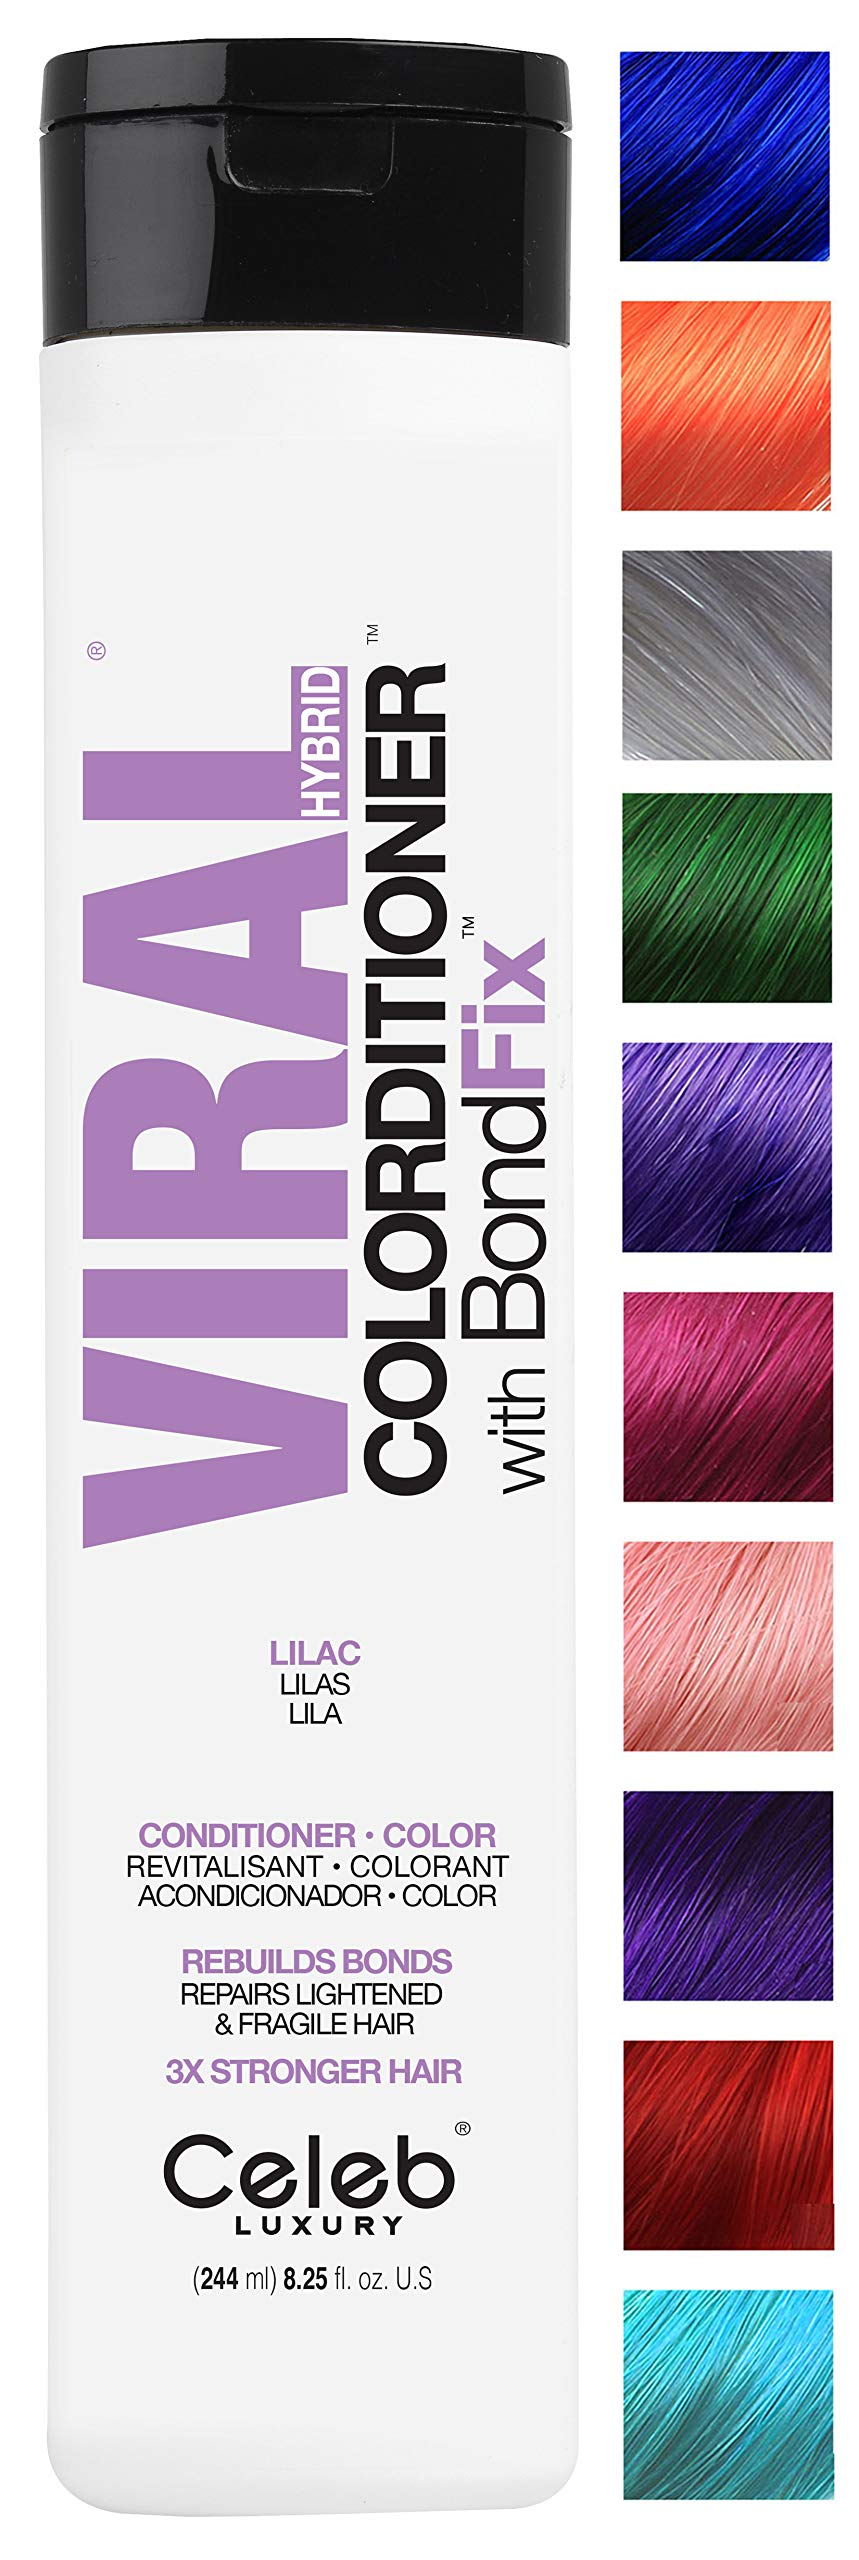 Celeb Luxury Viral Colorditioner: Lilac Color Depositing Conditioner, BondFix Bond Rebuilder, 10 Vivid and Pastel Colors, Stops Fade, Conditioner + Vivid Color, Cruelty-Free, 100% Vegan by CELEB LUXURY